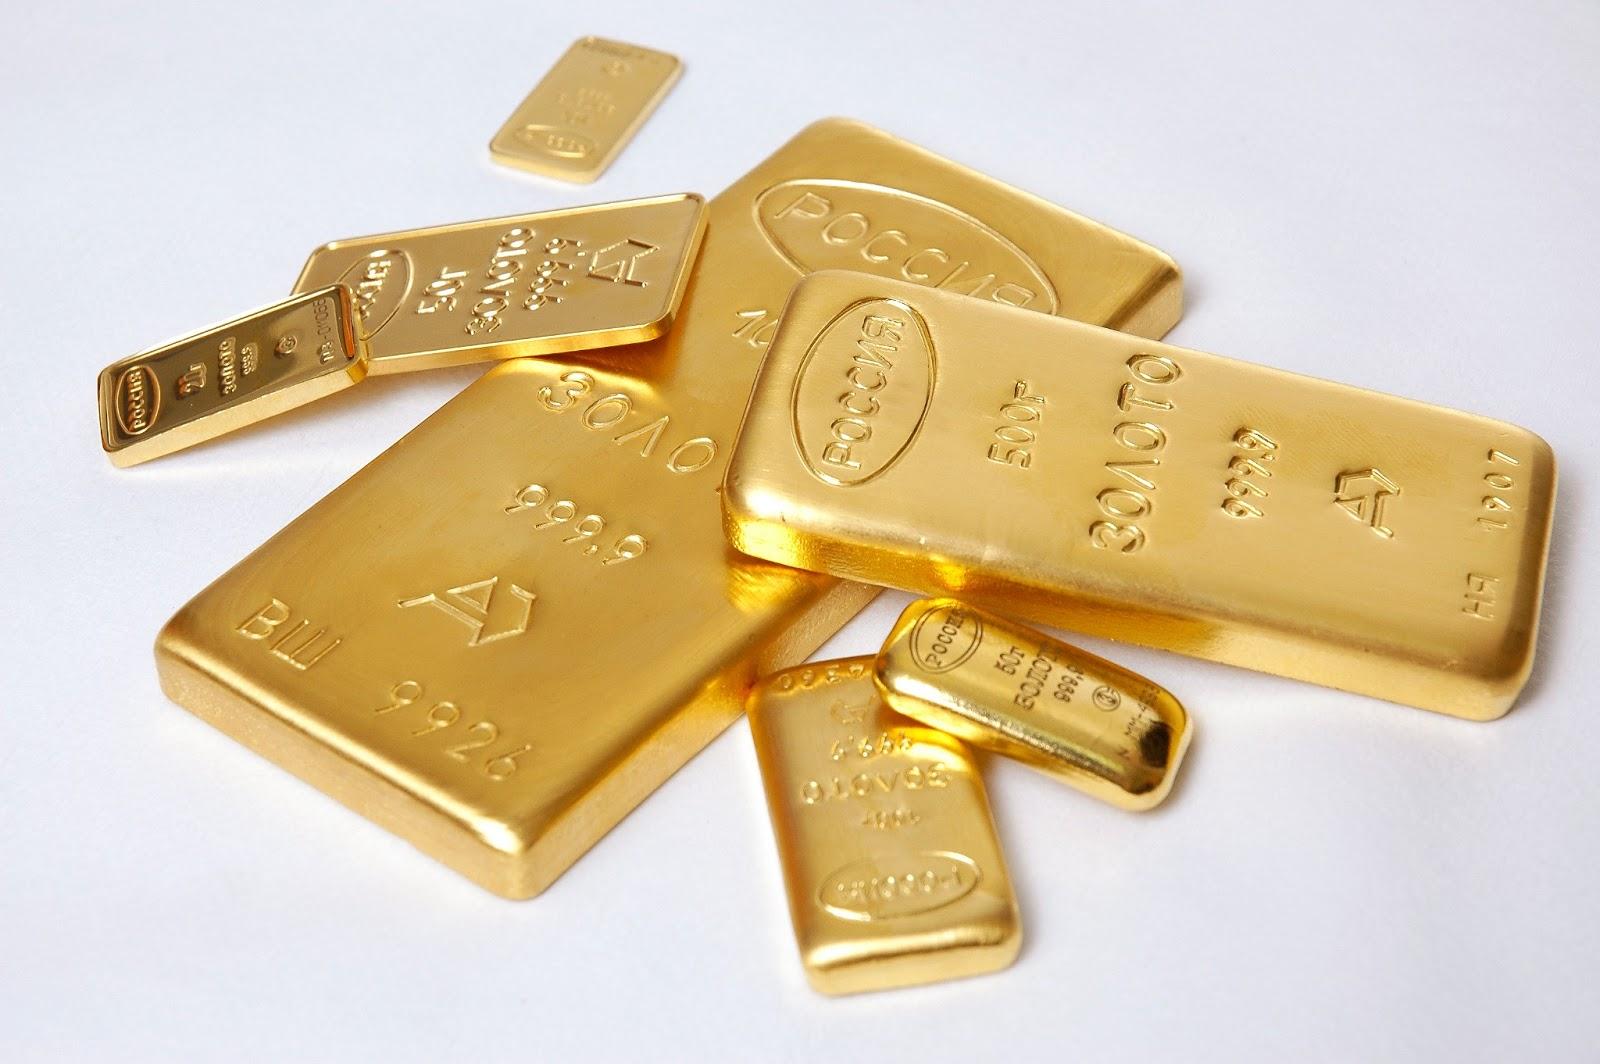 инвентаризация в банках драгоценных металлов: